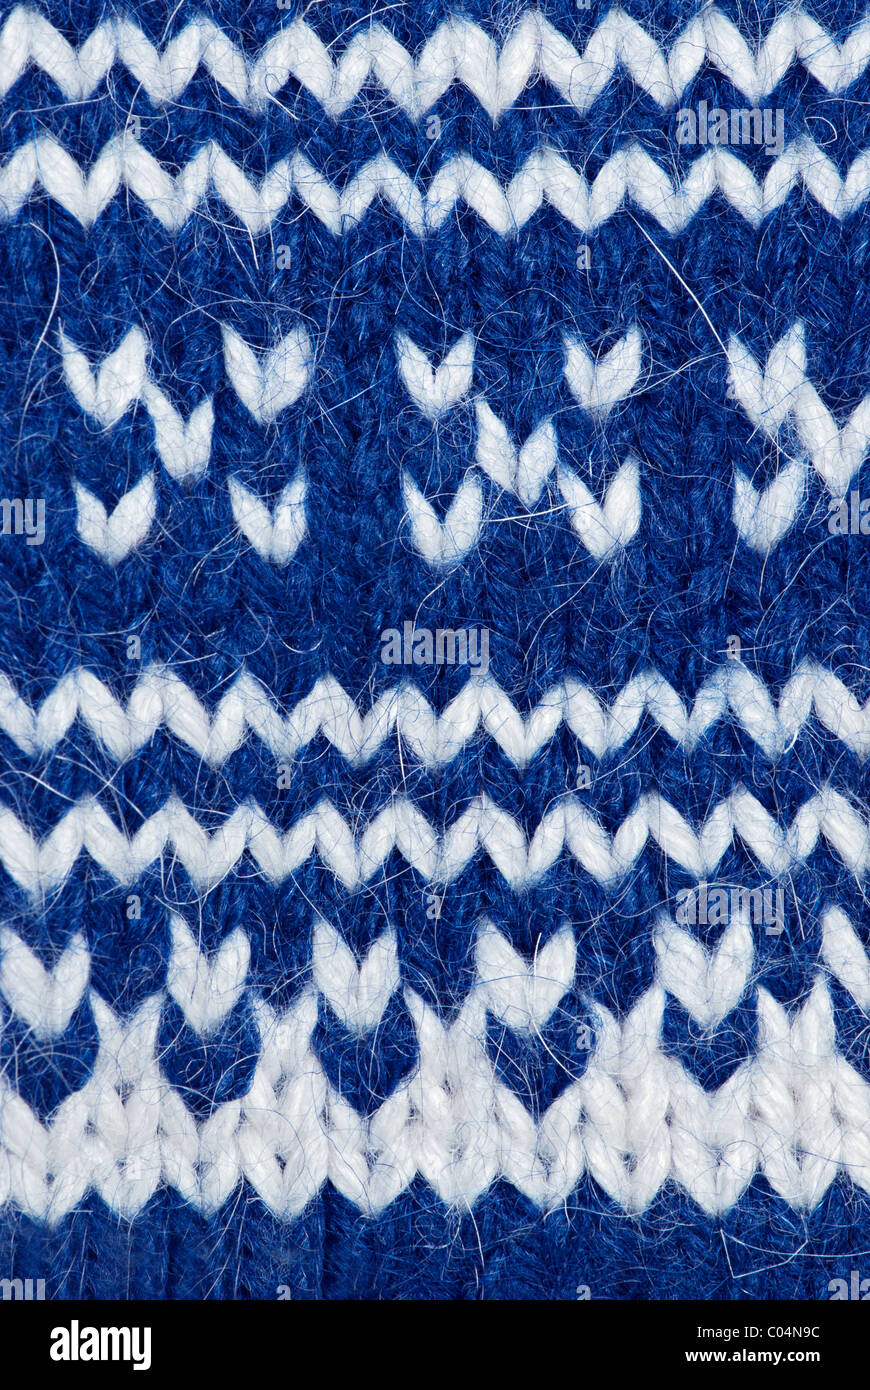 Antecedentes de tejer lana artesanal patrón Imagen De Stock